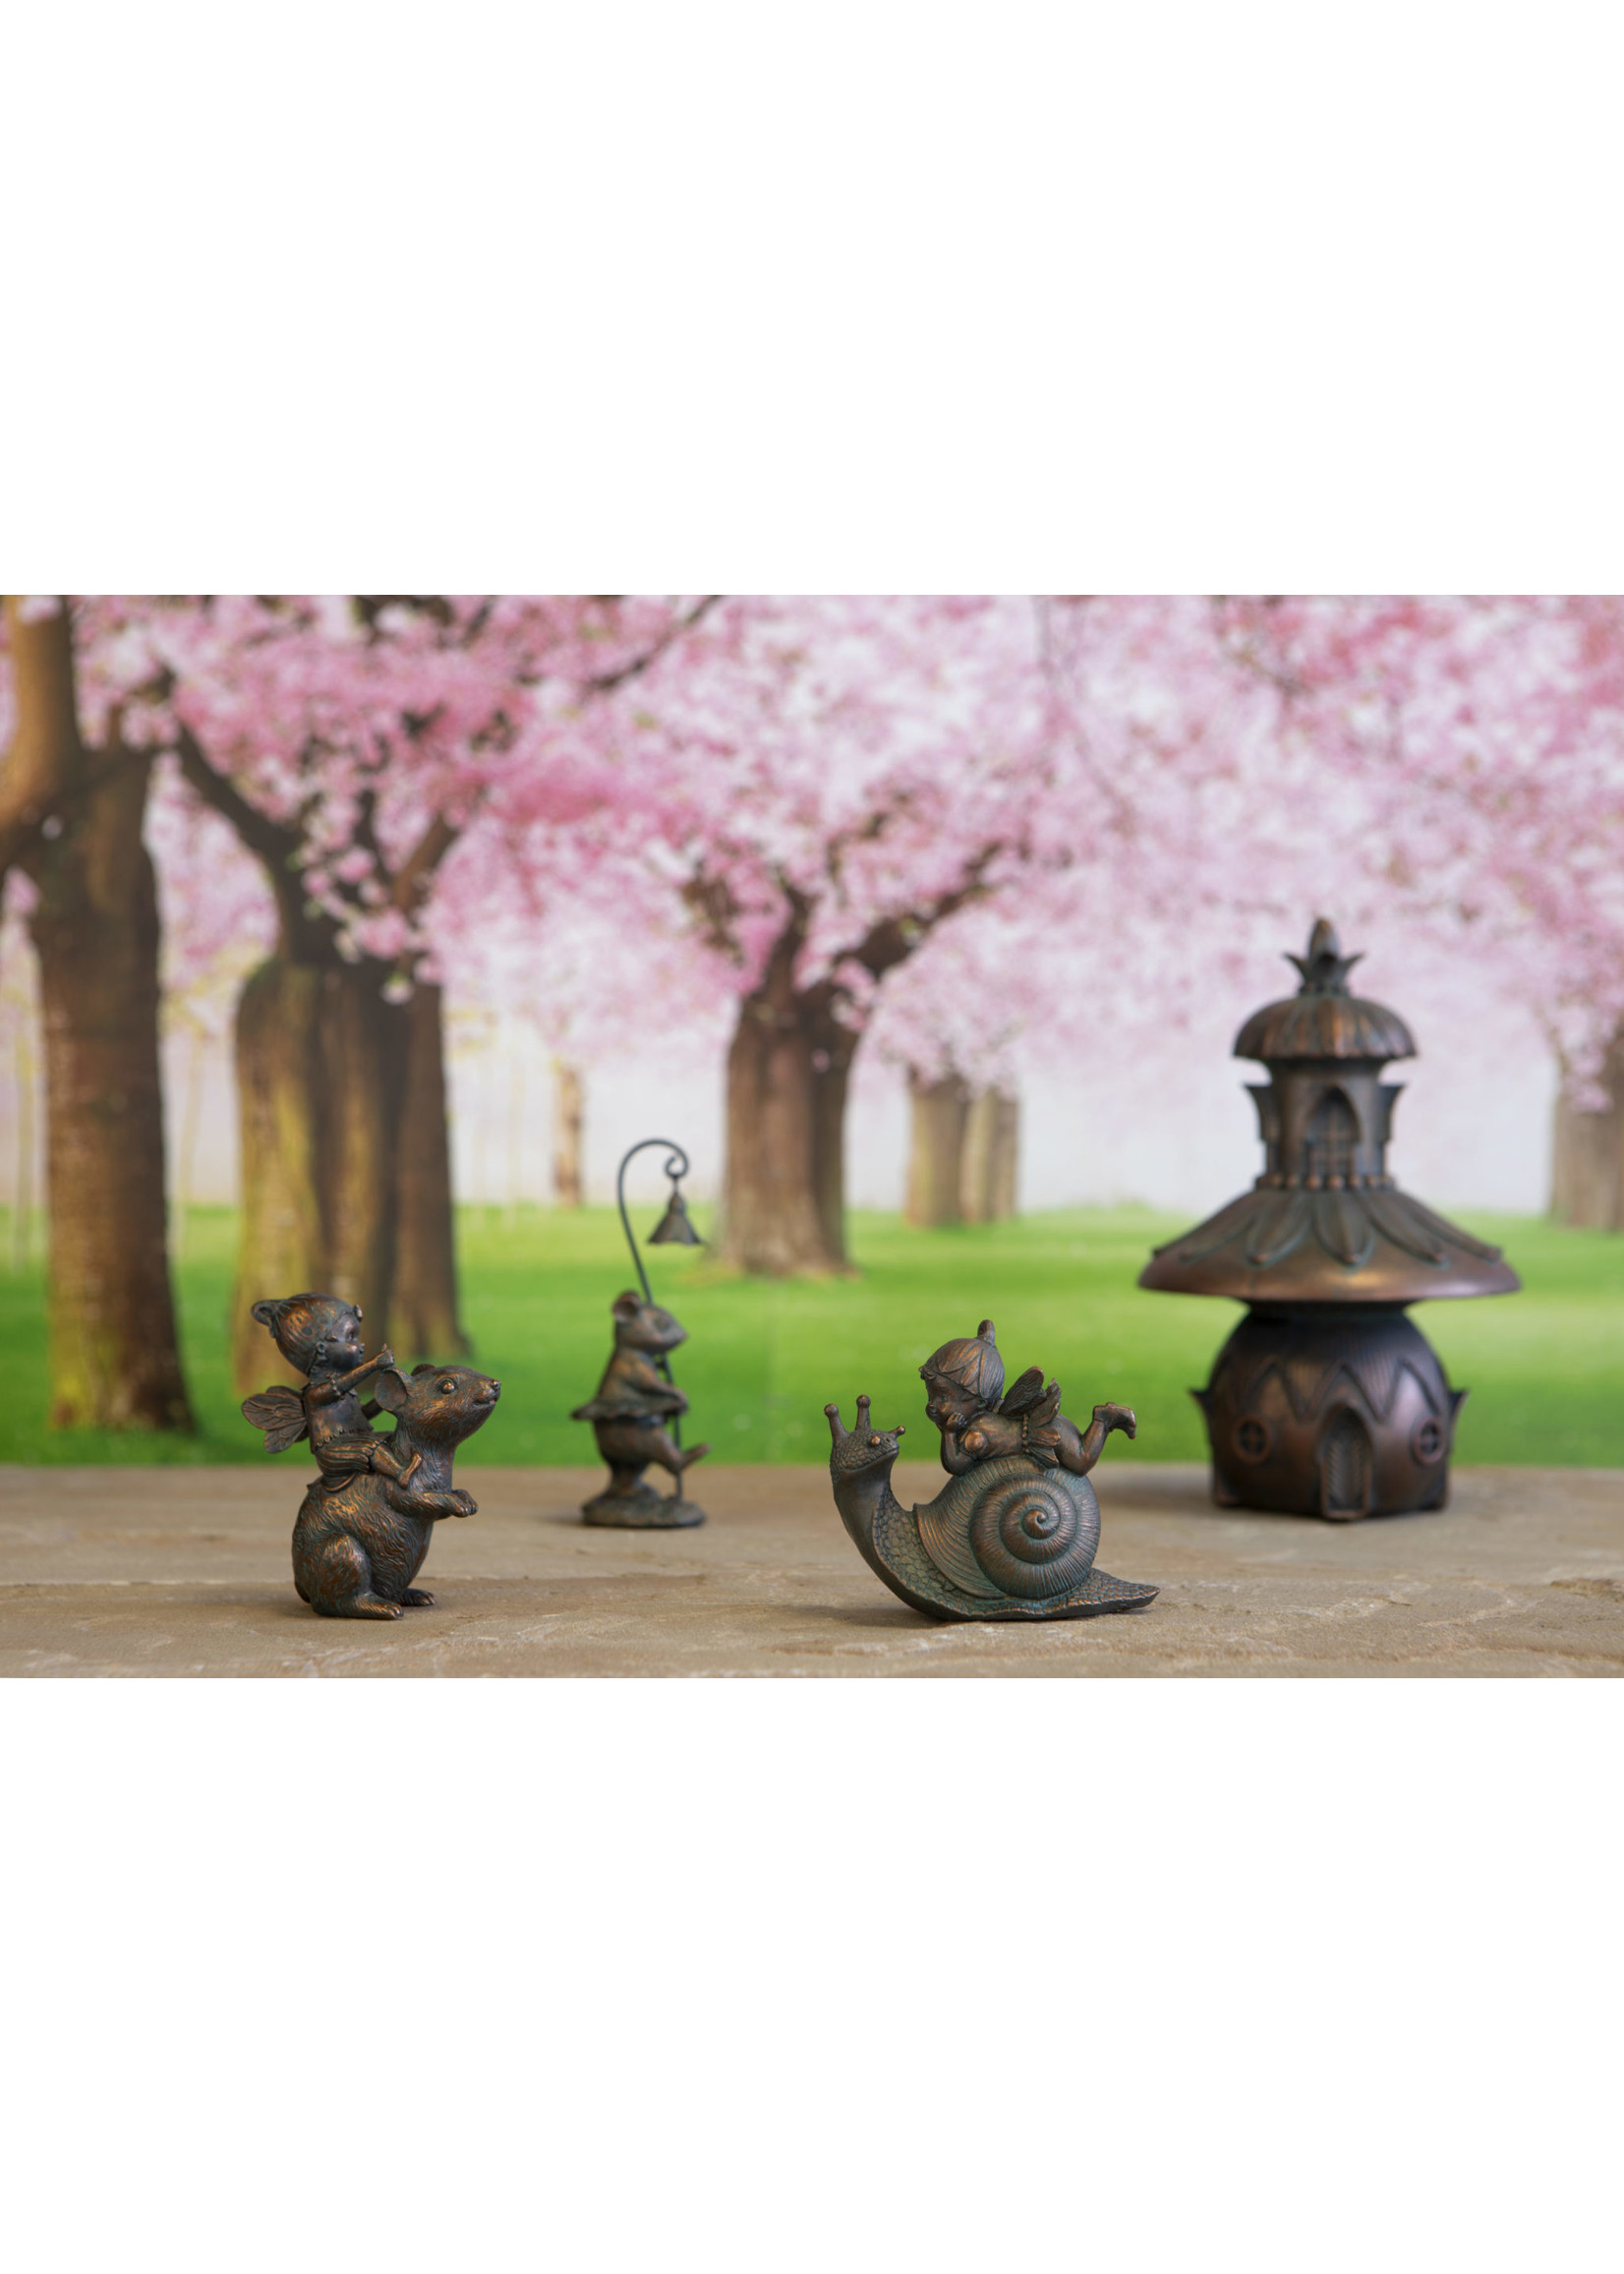 Fairy Mice Set of 3